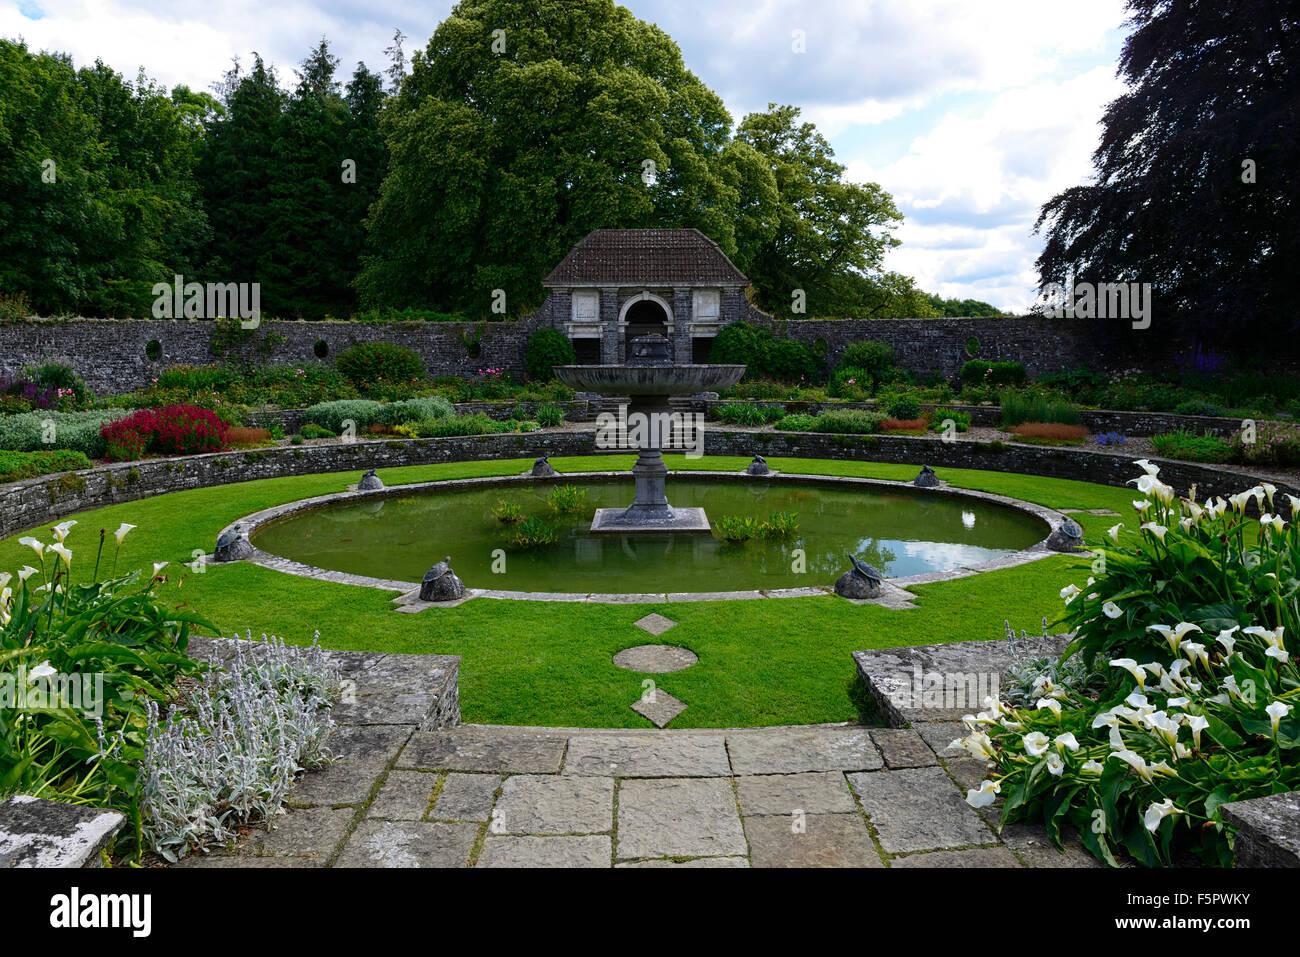 Sunken round oval pond garden heywood gardens garden for Round garden pond designs